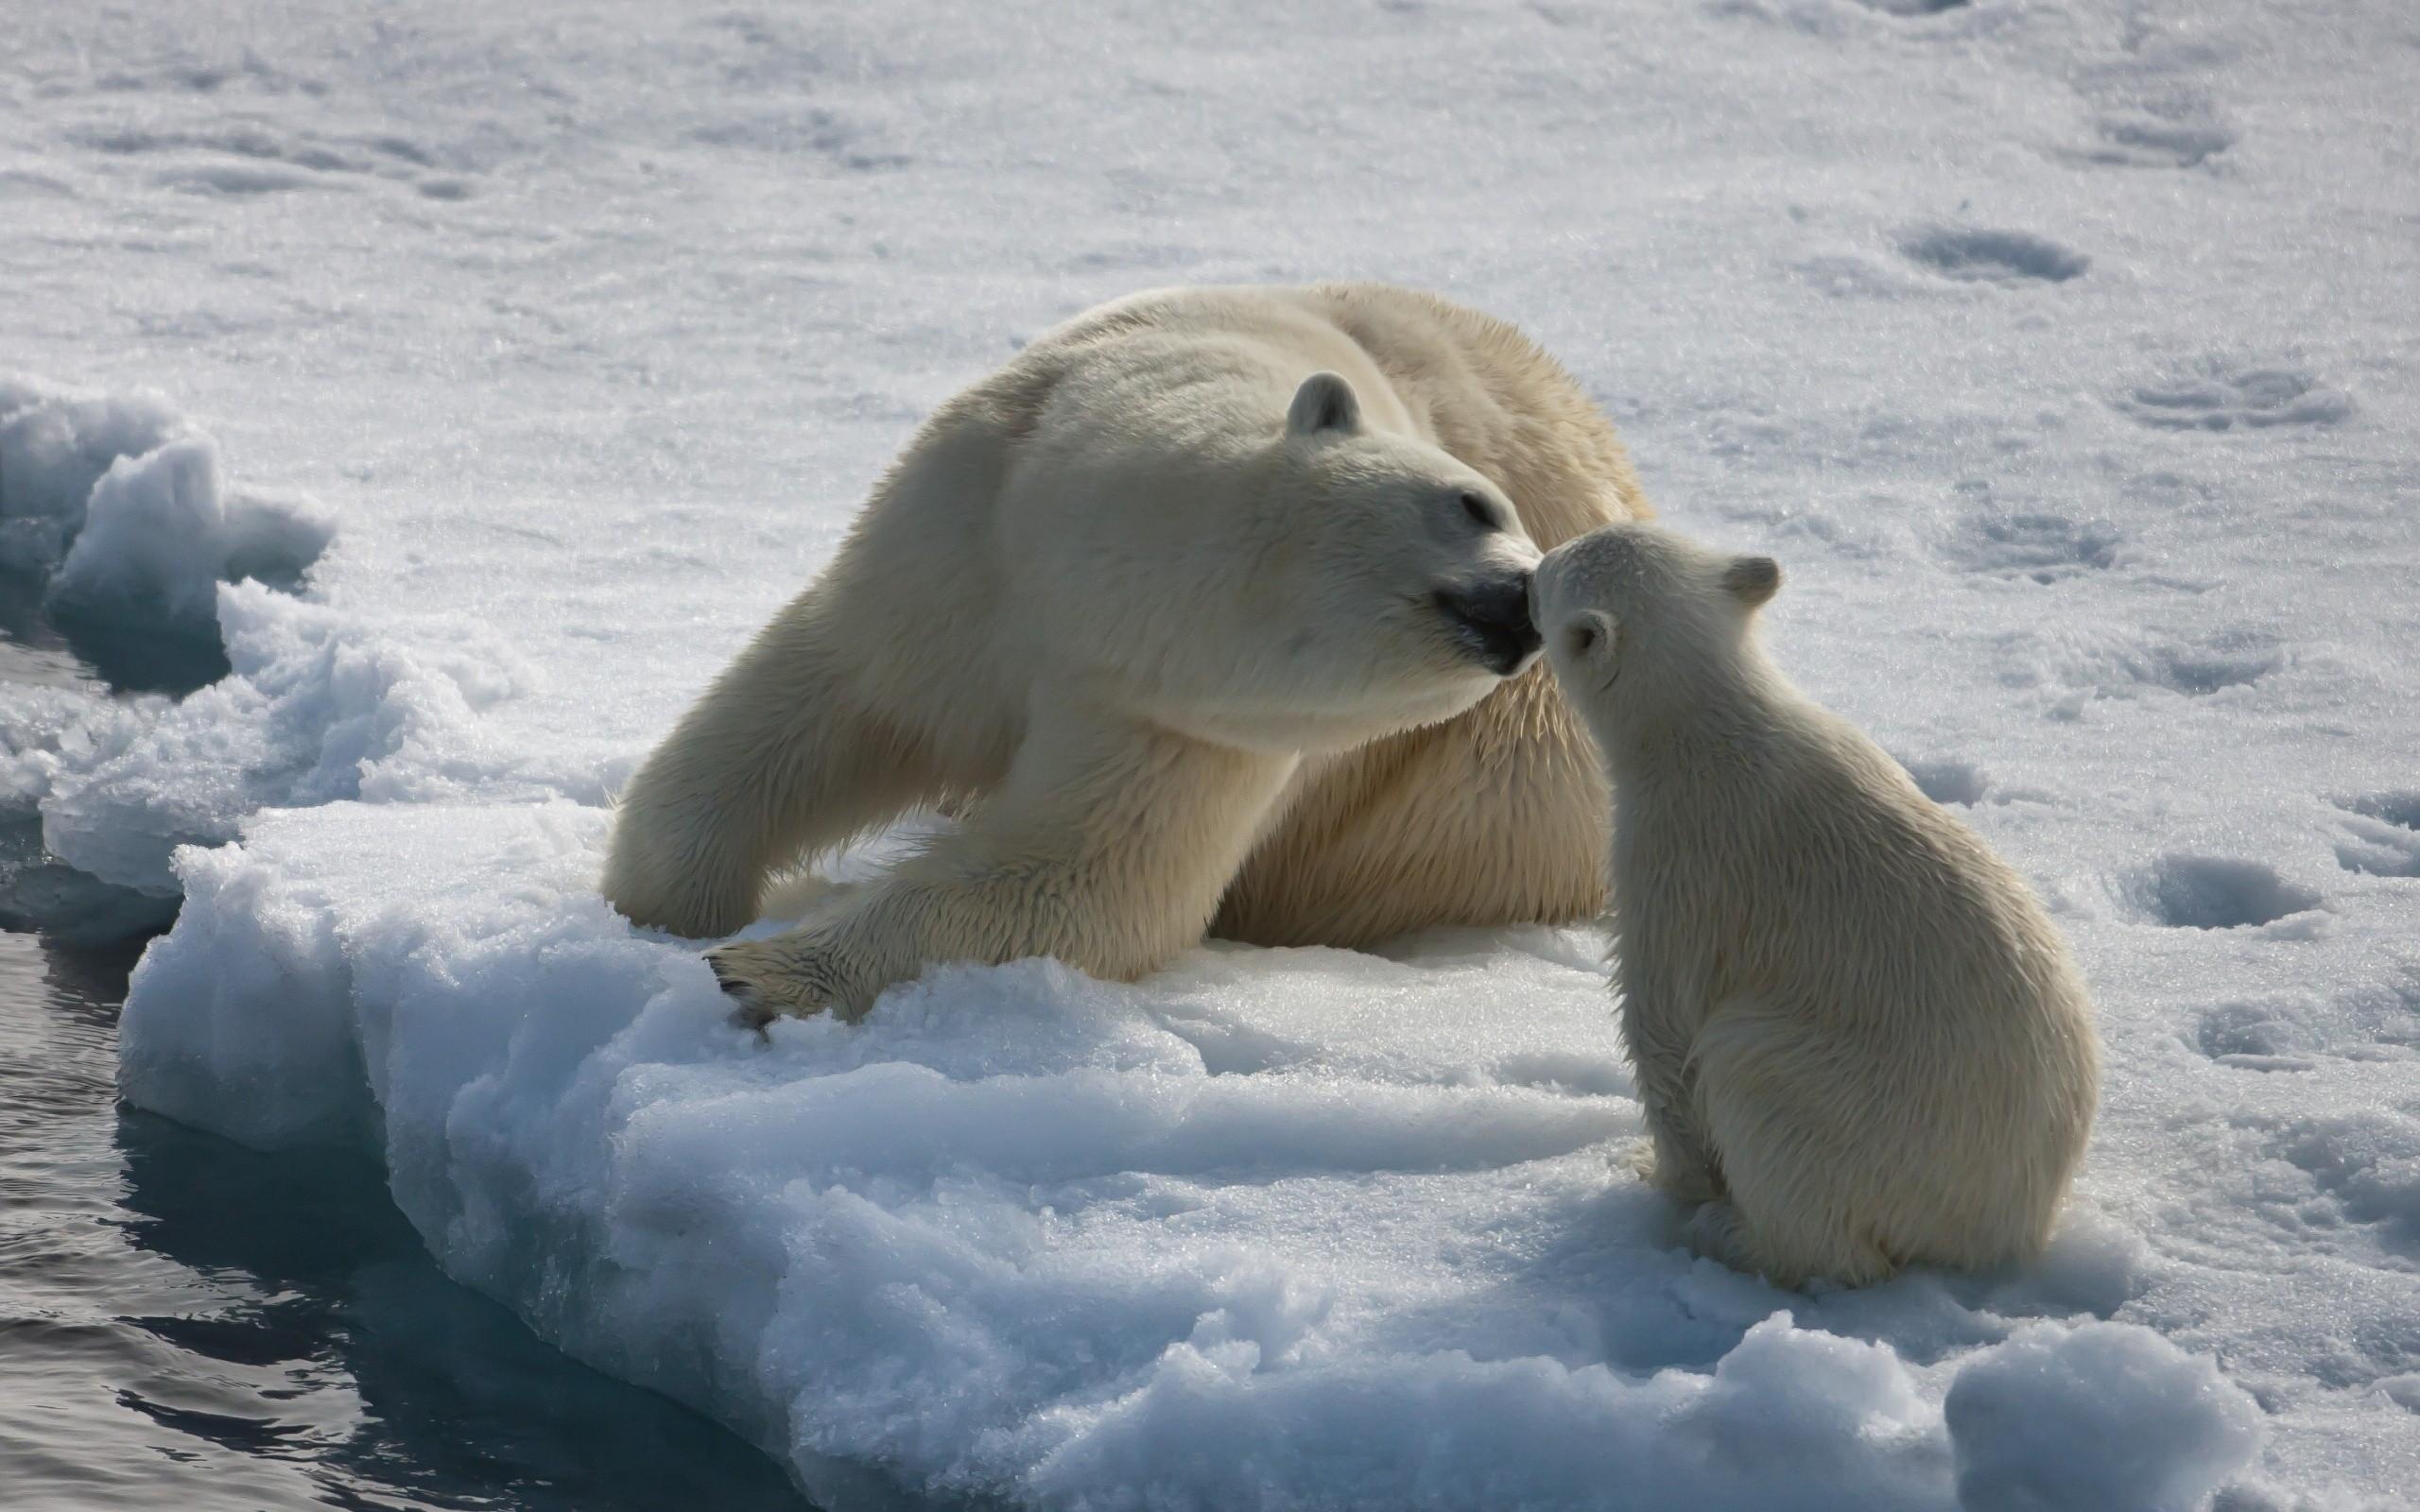 hình nền gấu bắc cực